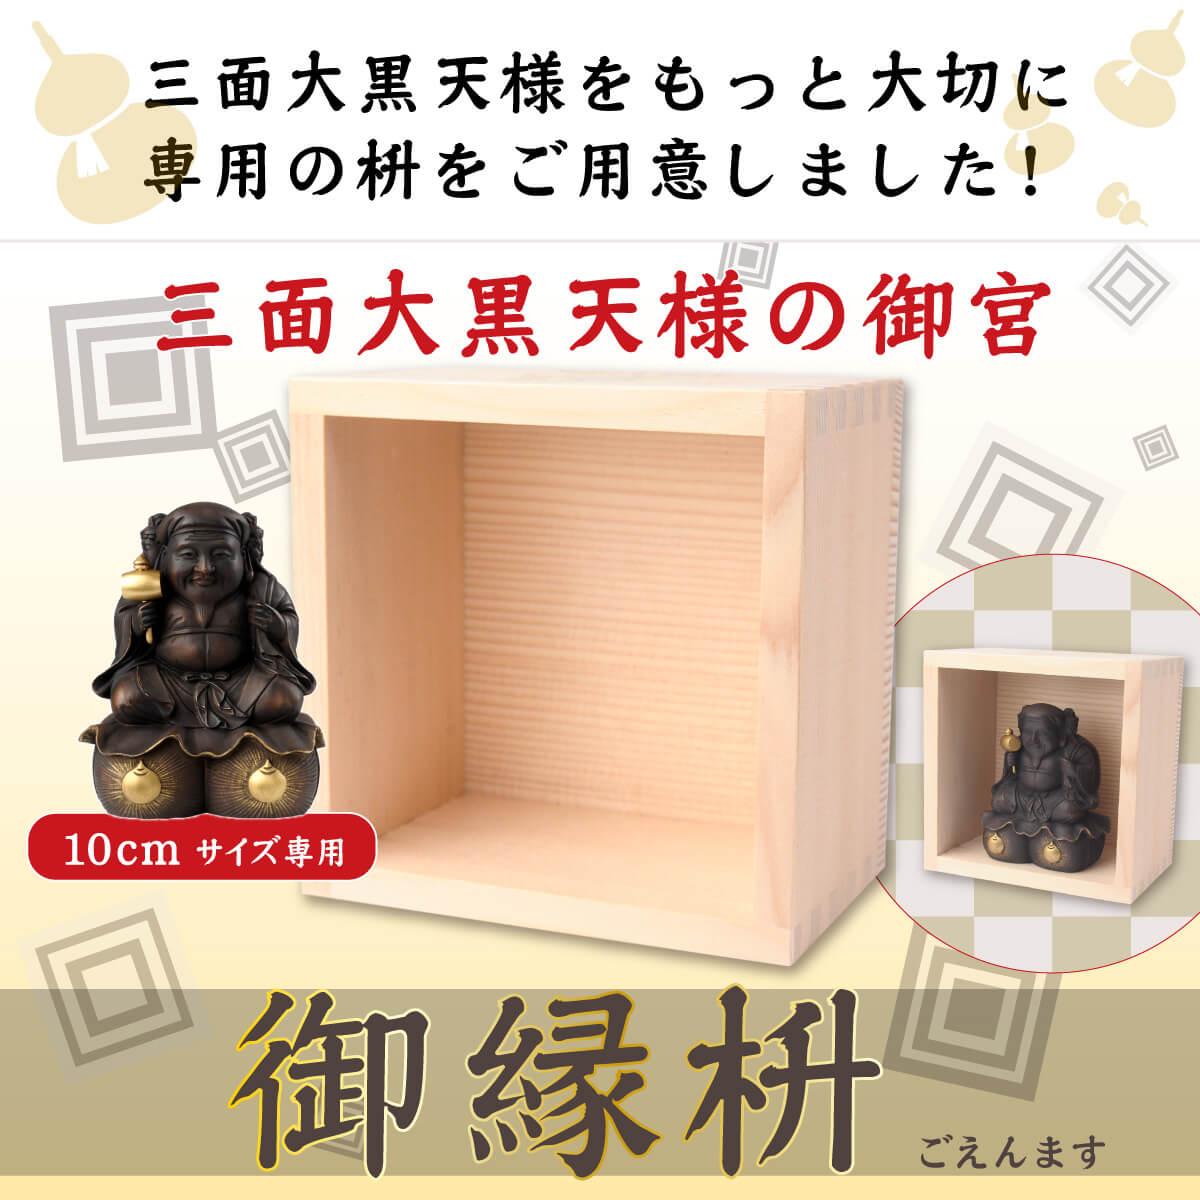 三面大黒天様の御縁枡(10cmサイズ用) 開運グッズ